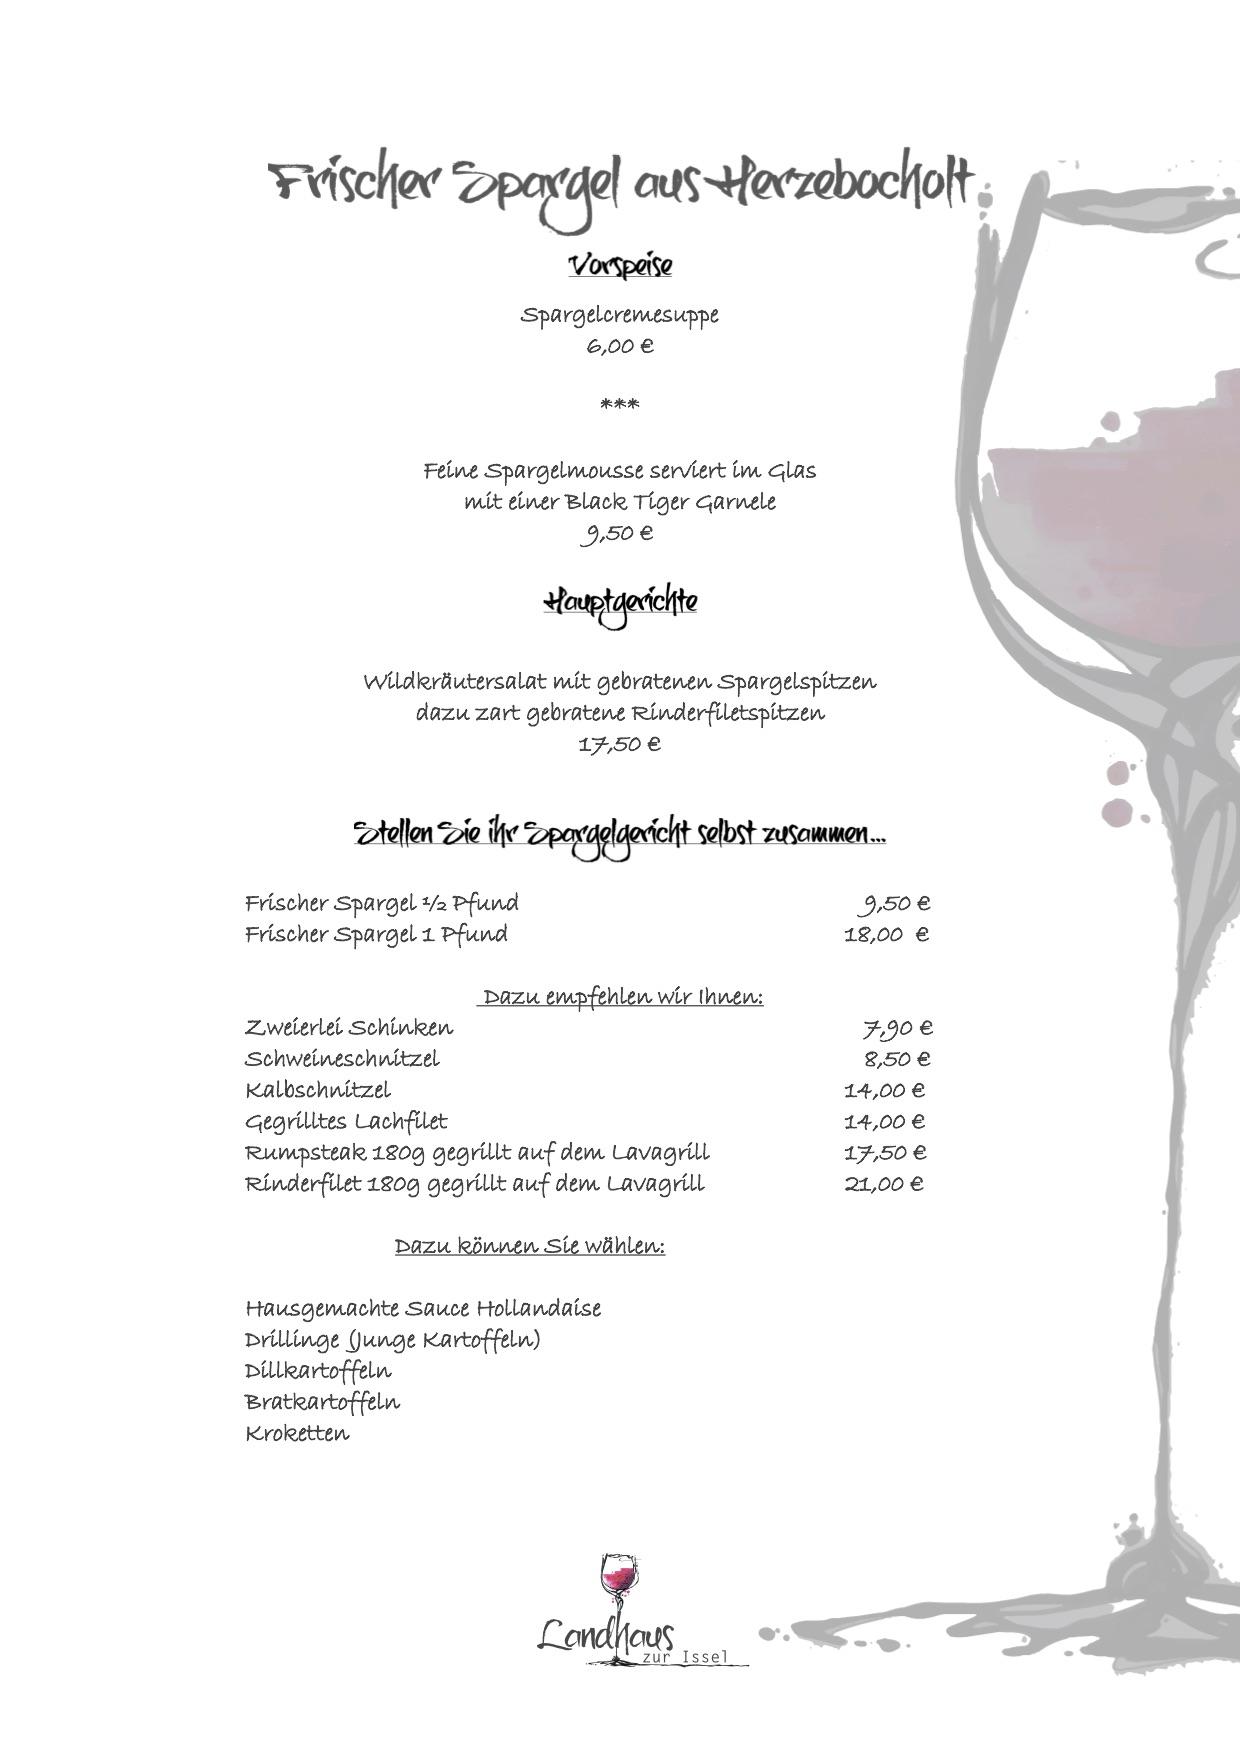 Spargel, restaurant, bocholt, isselburg, spargelkarte